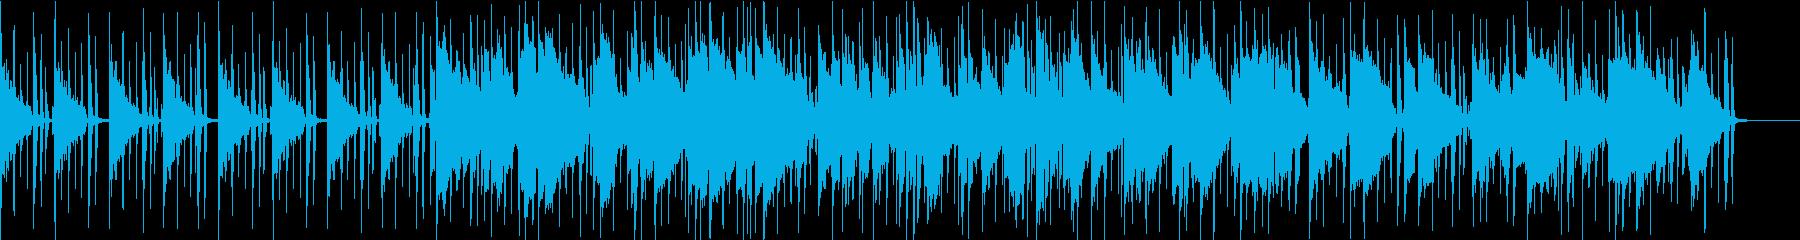 流れるようなR&Bの再生済みの波形